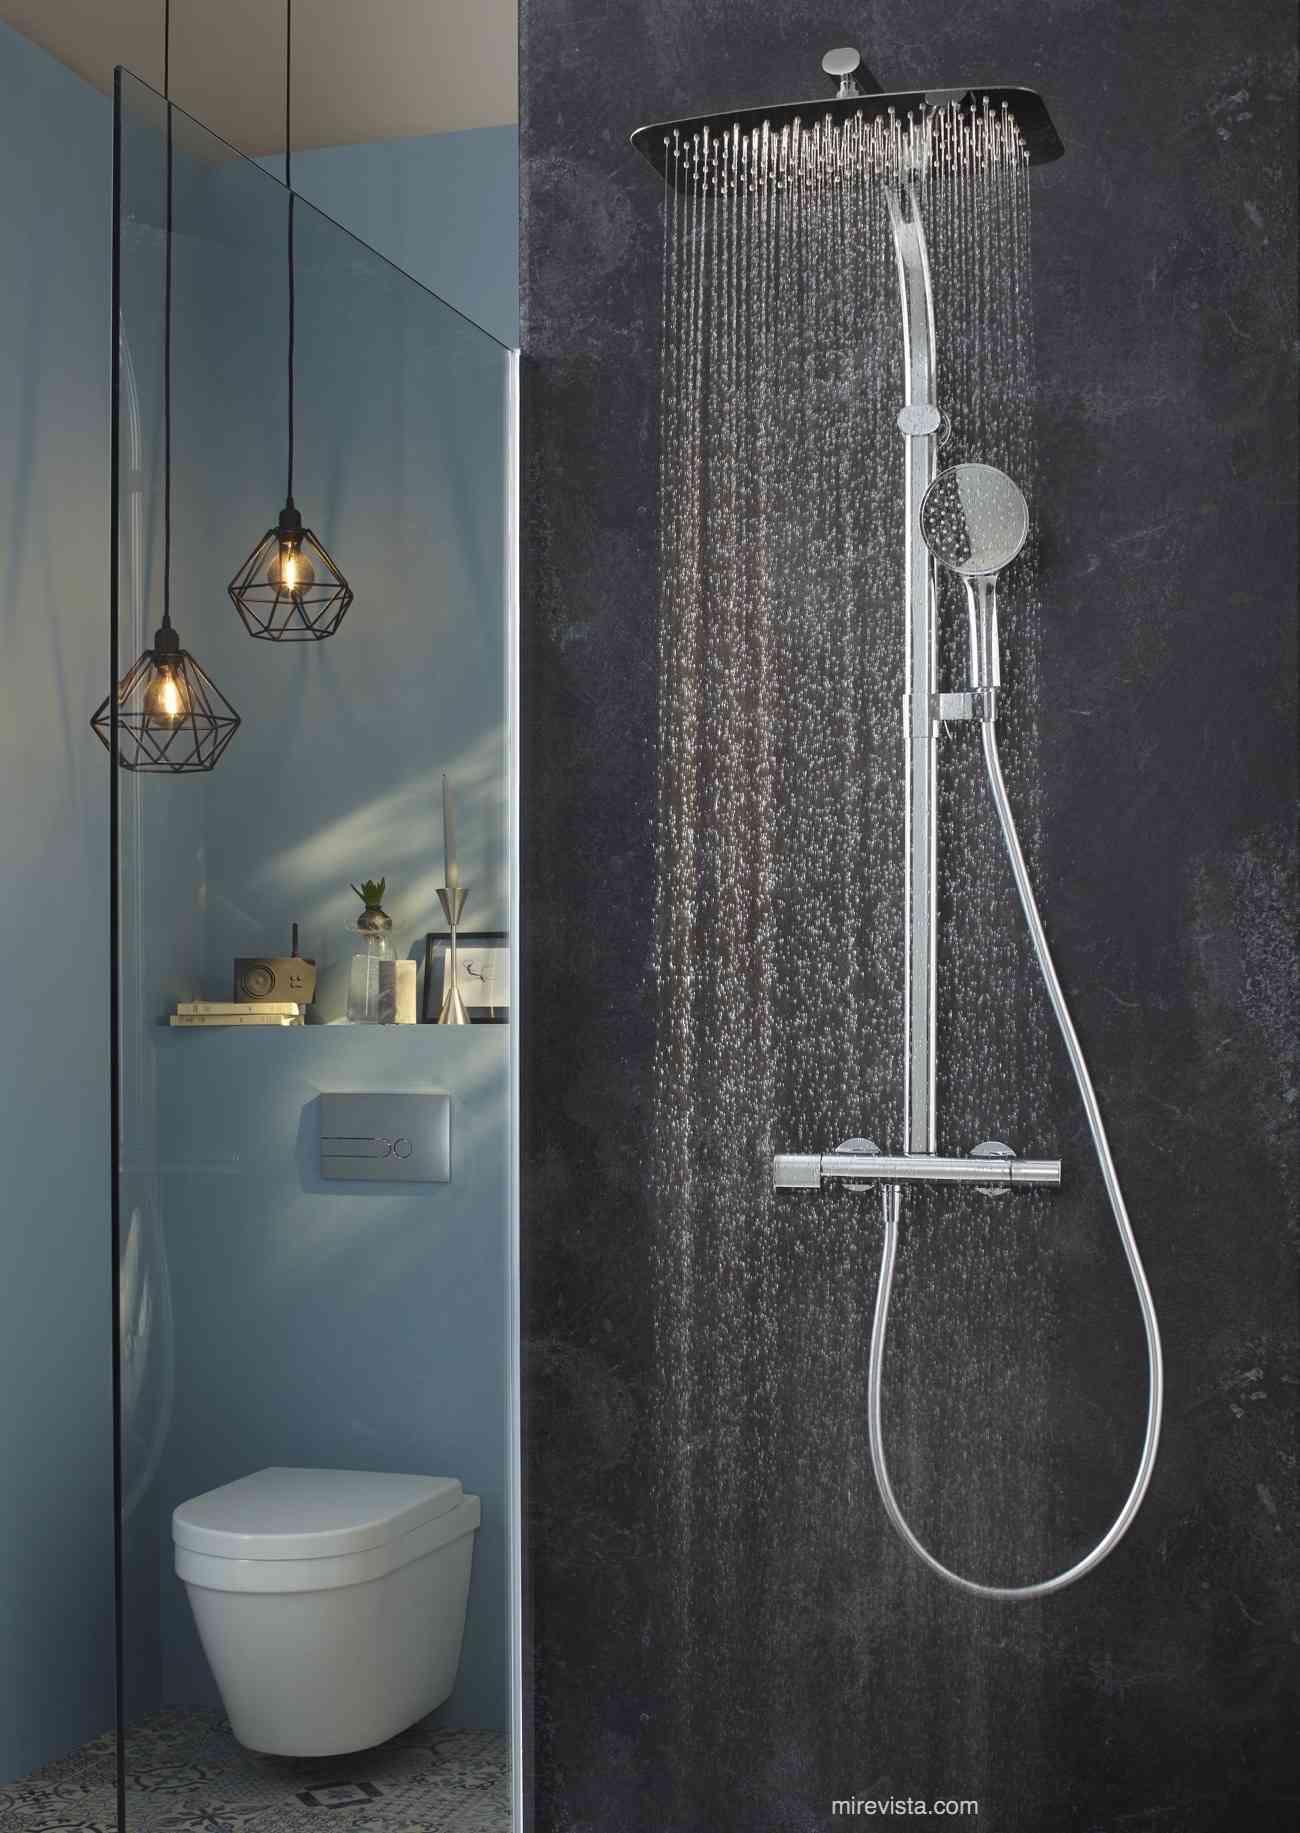 Columna de ducha oblo, la elegancia y el diseño renovado